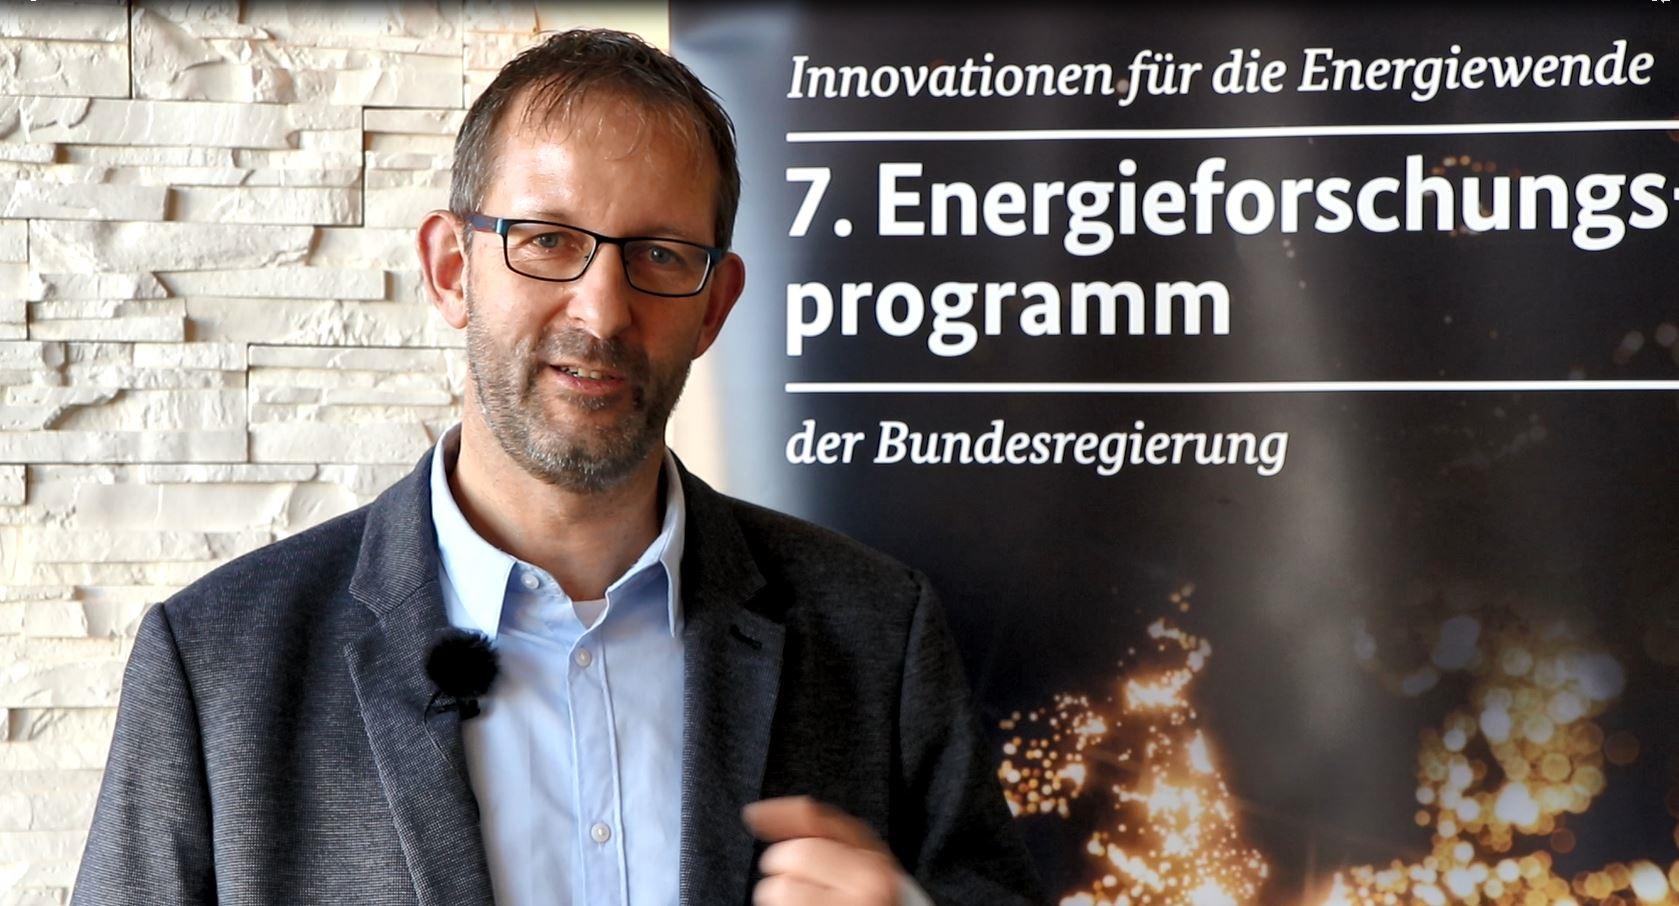 Porträt von Andreas Overhage, Abteilungsleiter Vertrieb, Consulting und Projektumsetzung bei der Energieversorgung Oberhausen (evo)